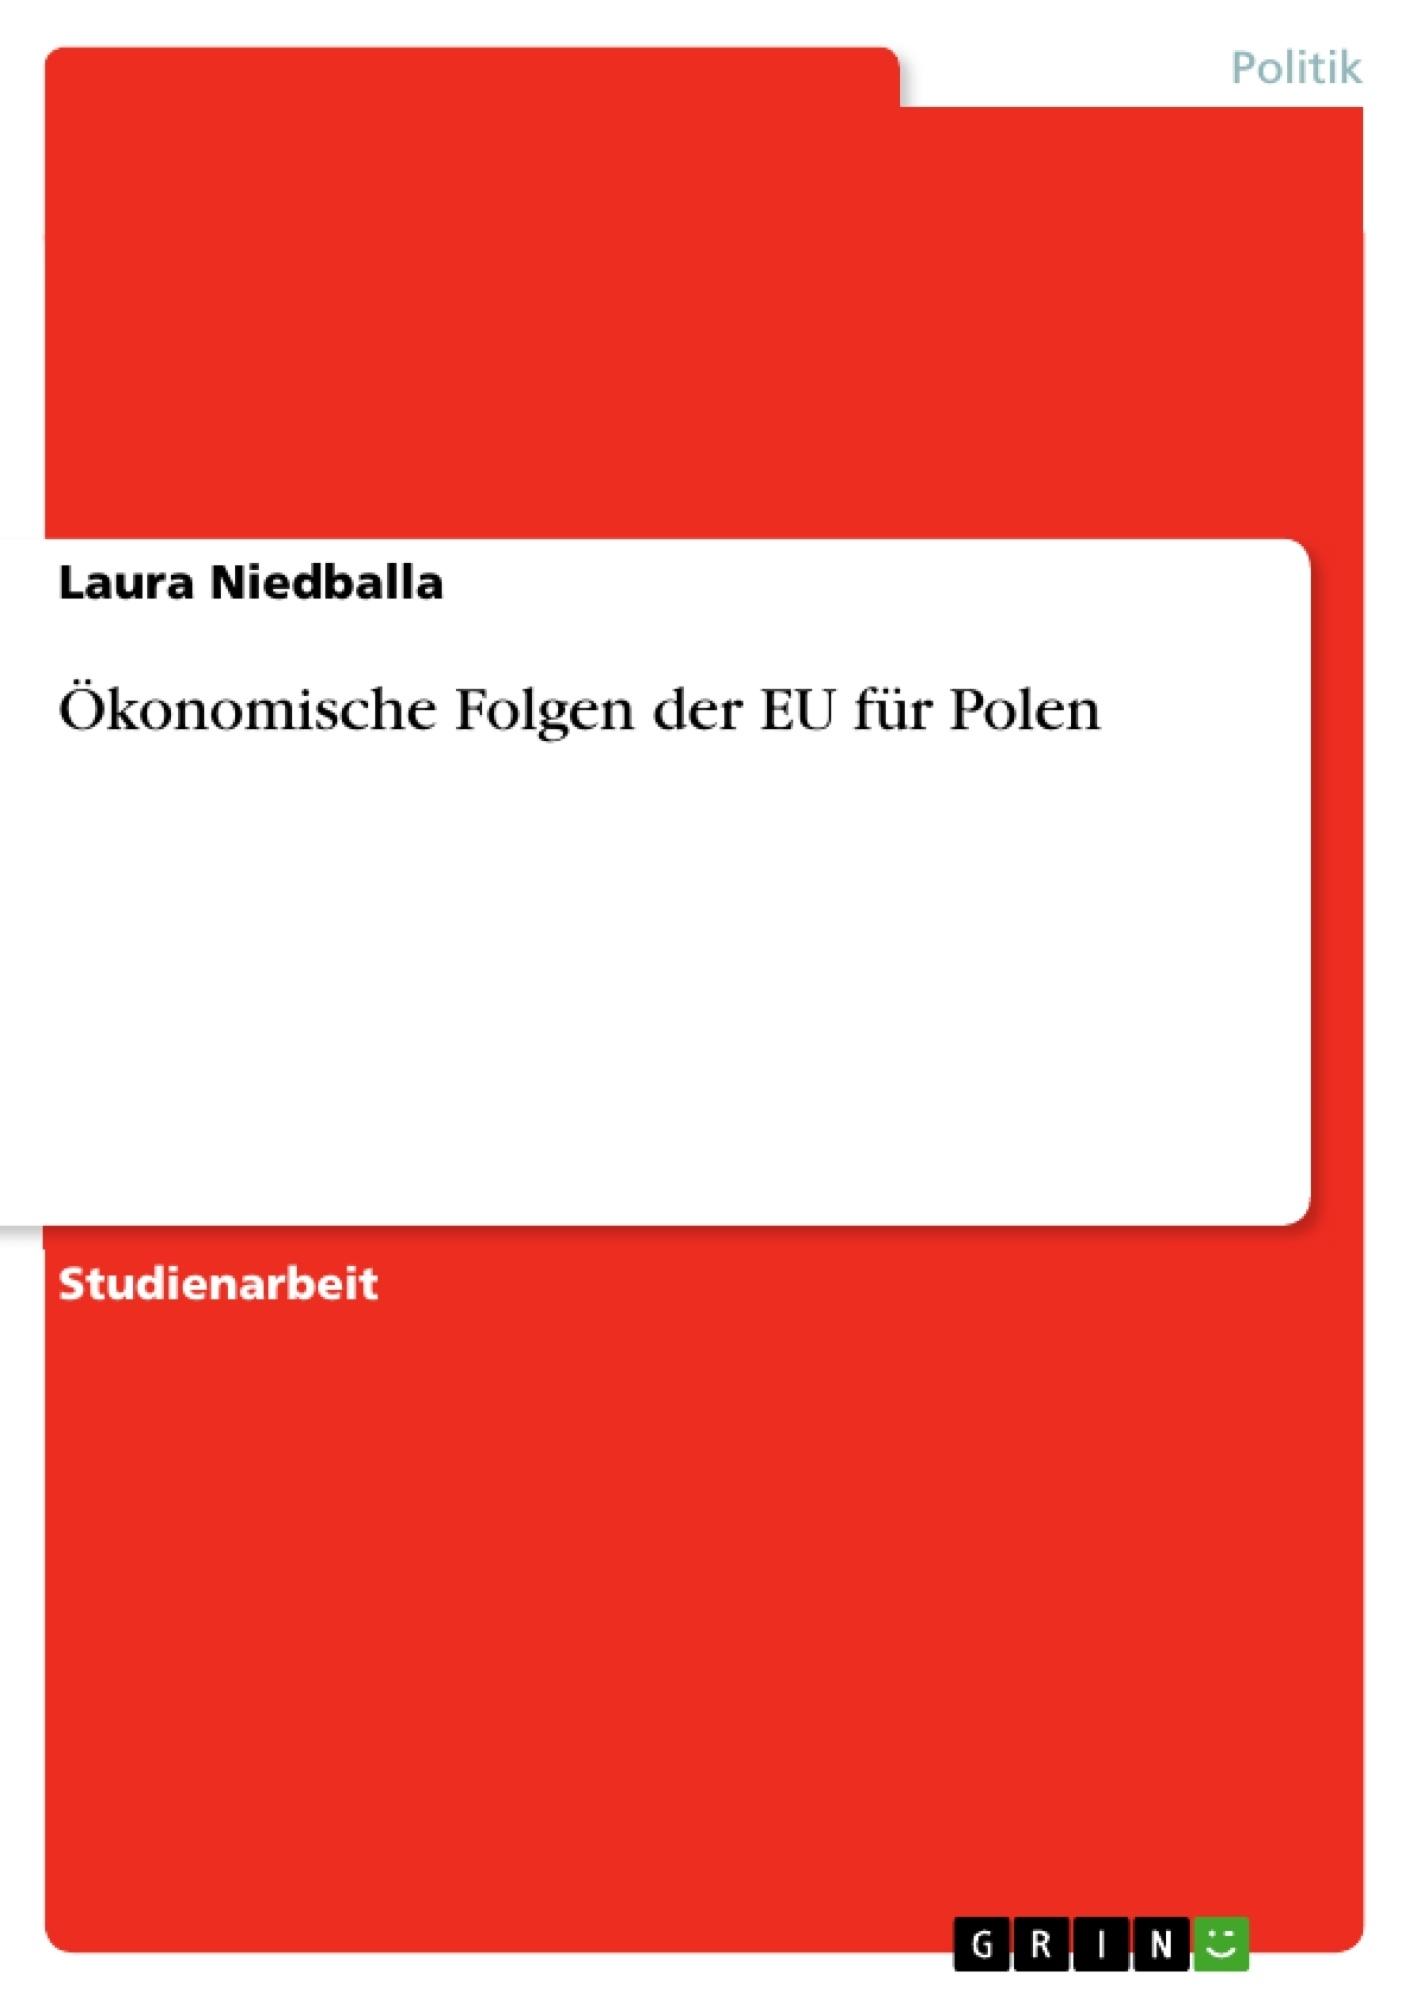 Titel: Ökonomische Folgen der EU für Polen